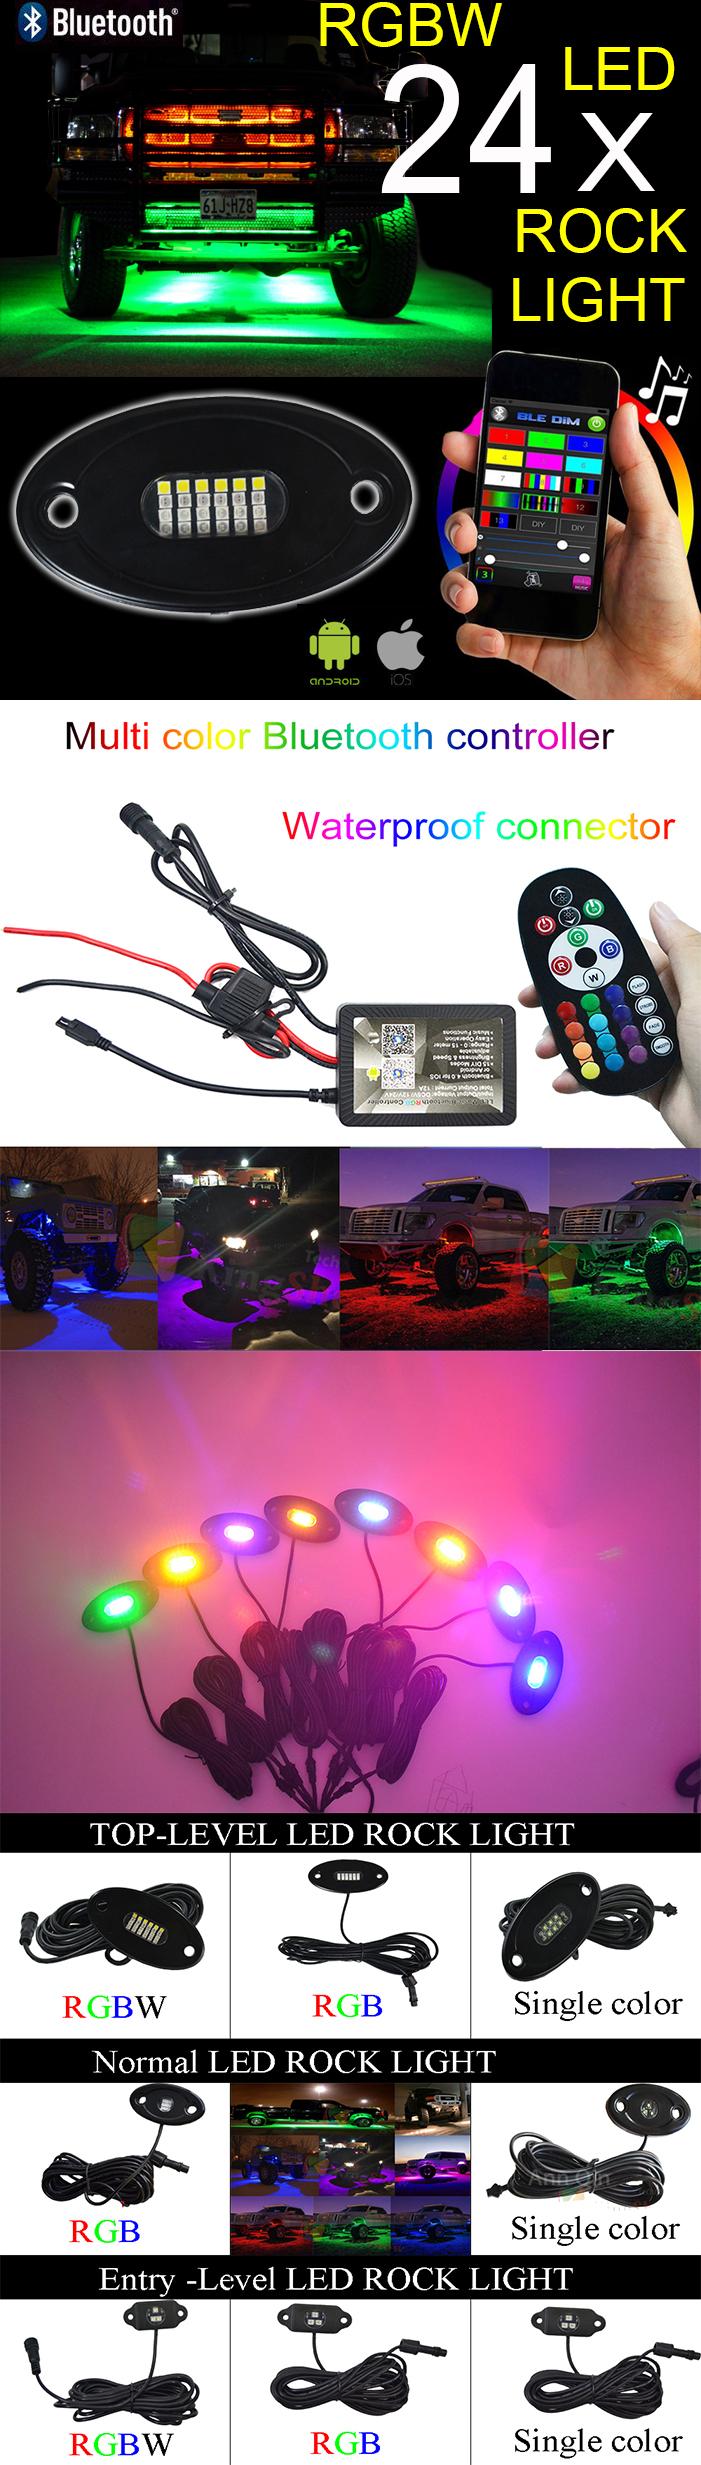 8 फली RGBW एलईडी रॉक रोशनी-बहुरंगा Underglow नीयन प्रकाश किट के साथ ब्लूटूथ नियंत्रक, संगीत मोड